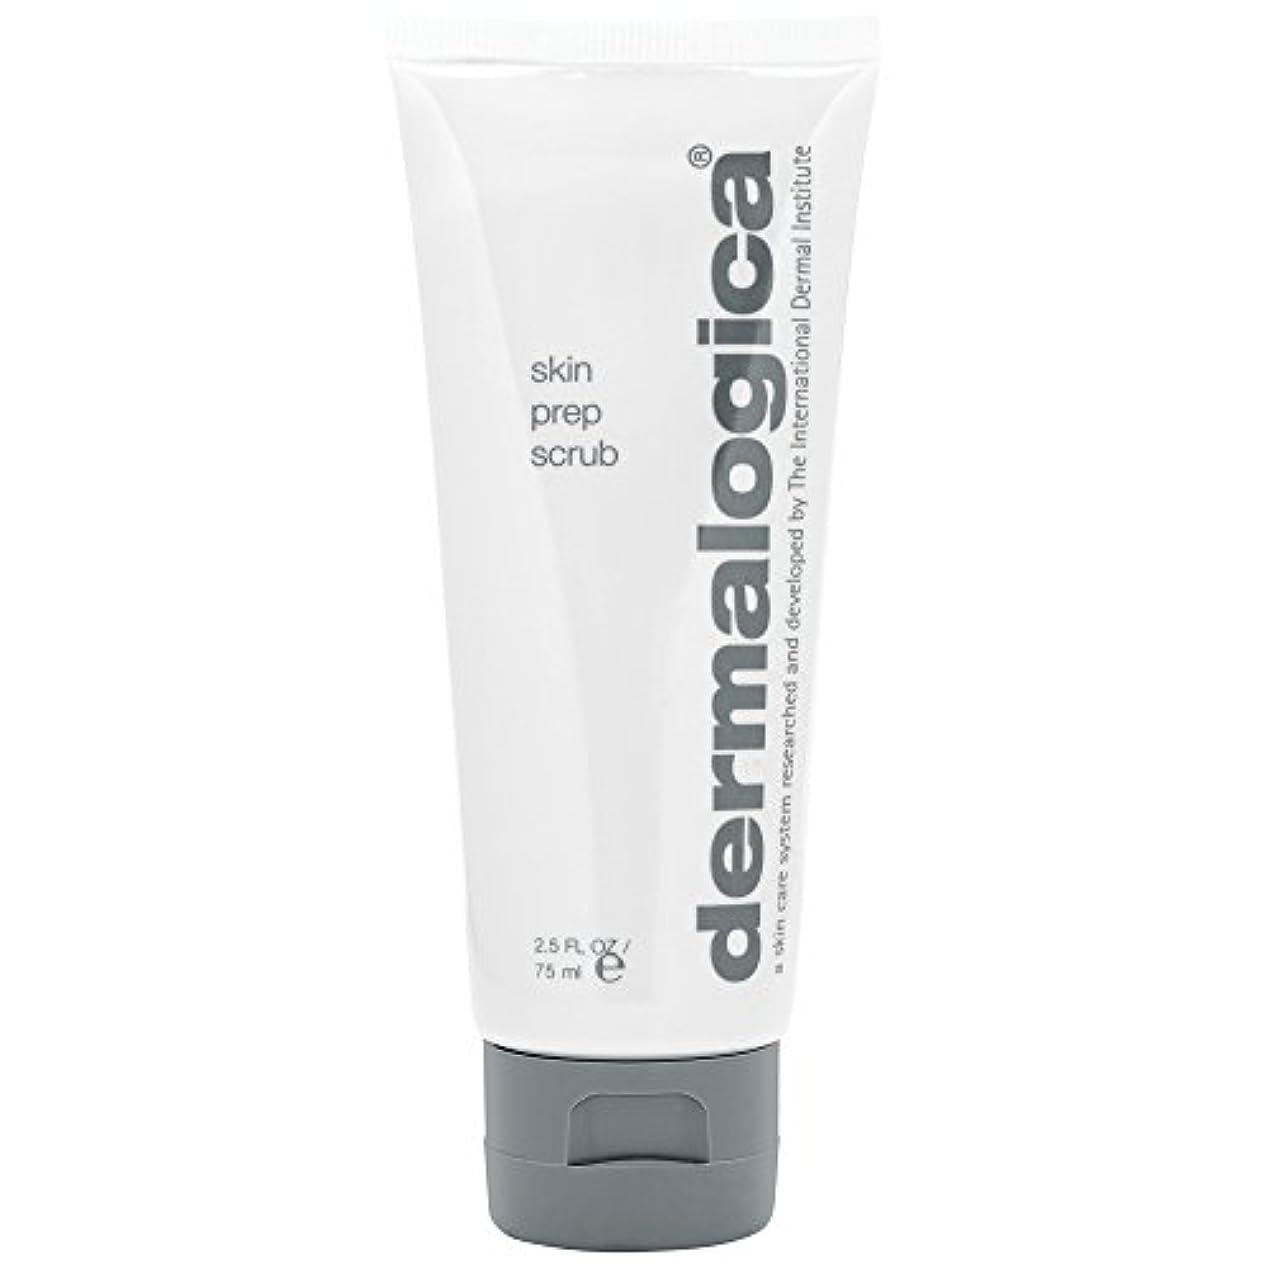 歩くクレーター平方ダーマロジカスキンプレップスクラブ75ミリリットル (Dermalogica) (x2) - Dermalogica Skin Prep Scrub 75ml (Pack of 2) [並行輸入品]